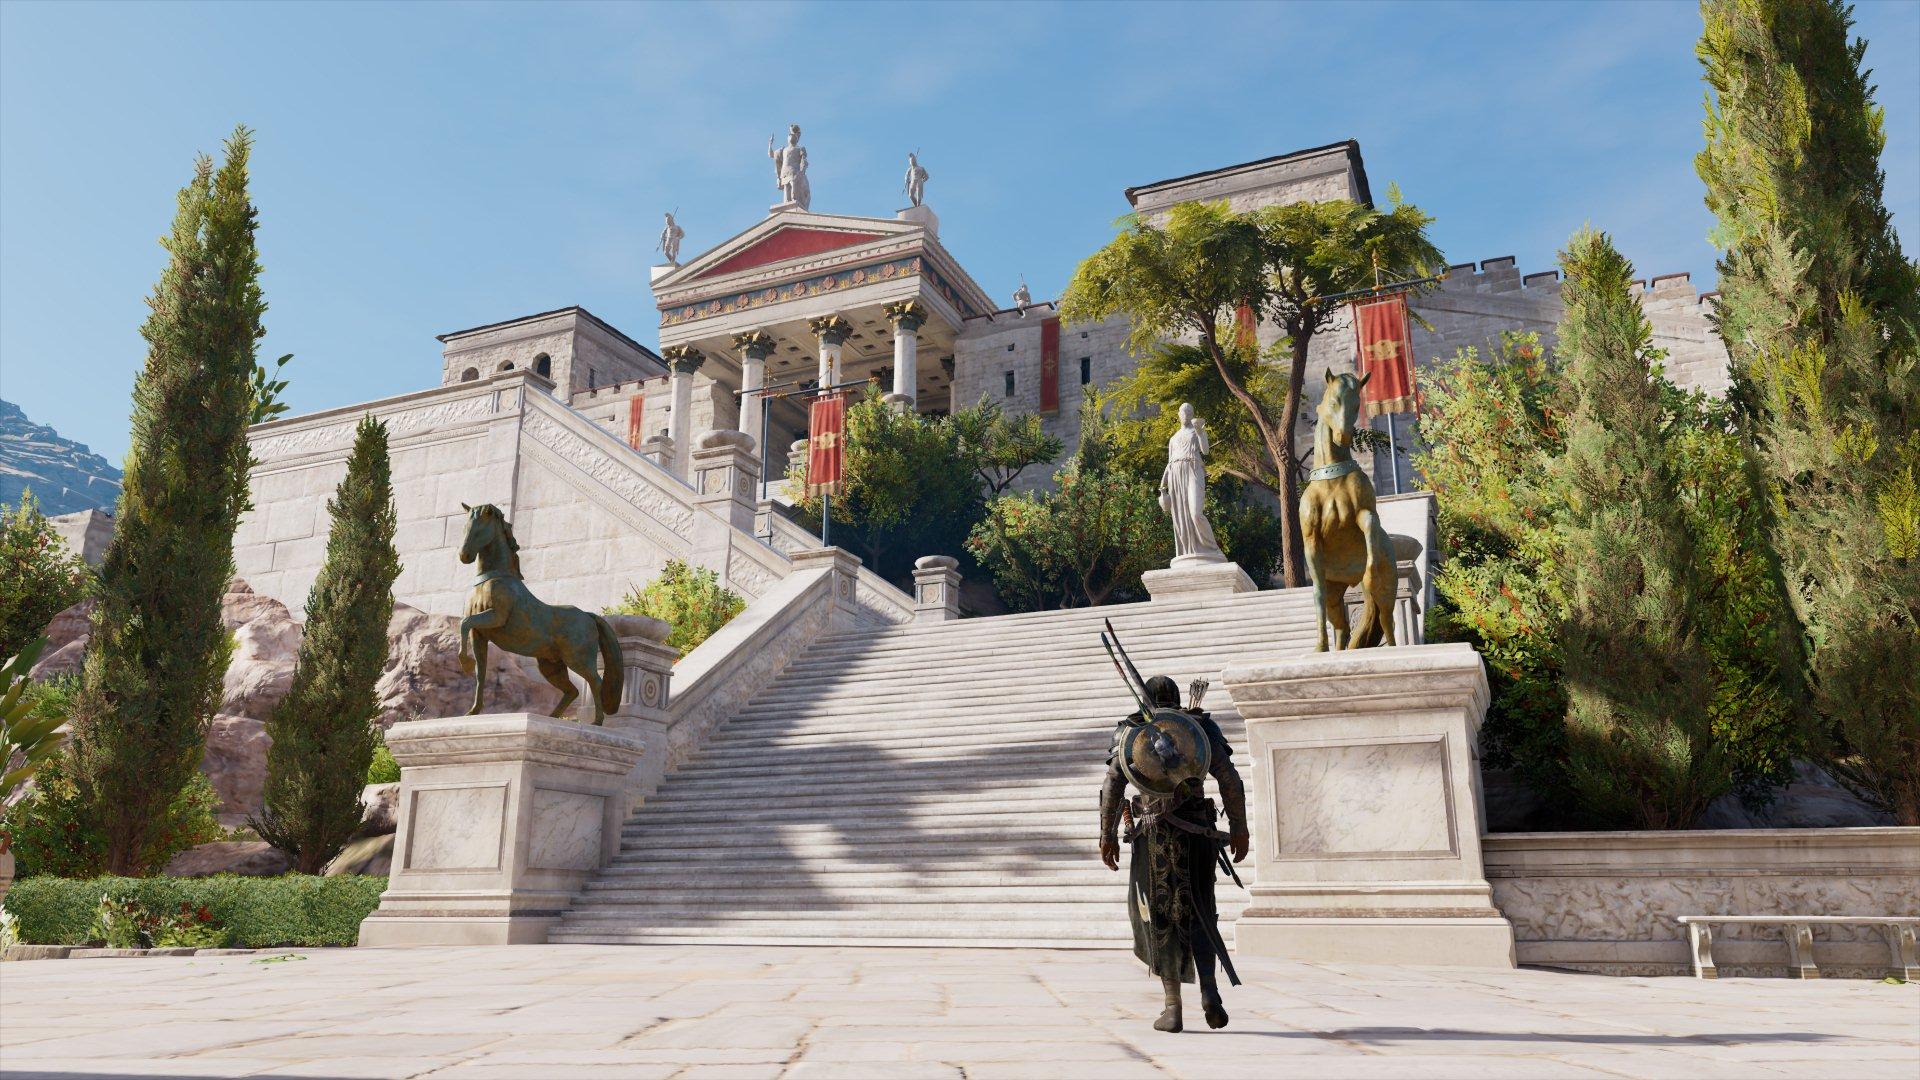 20180219212735.jpg - Assassin's Creed: Origins